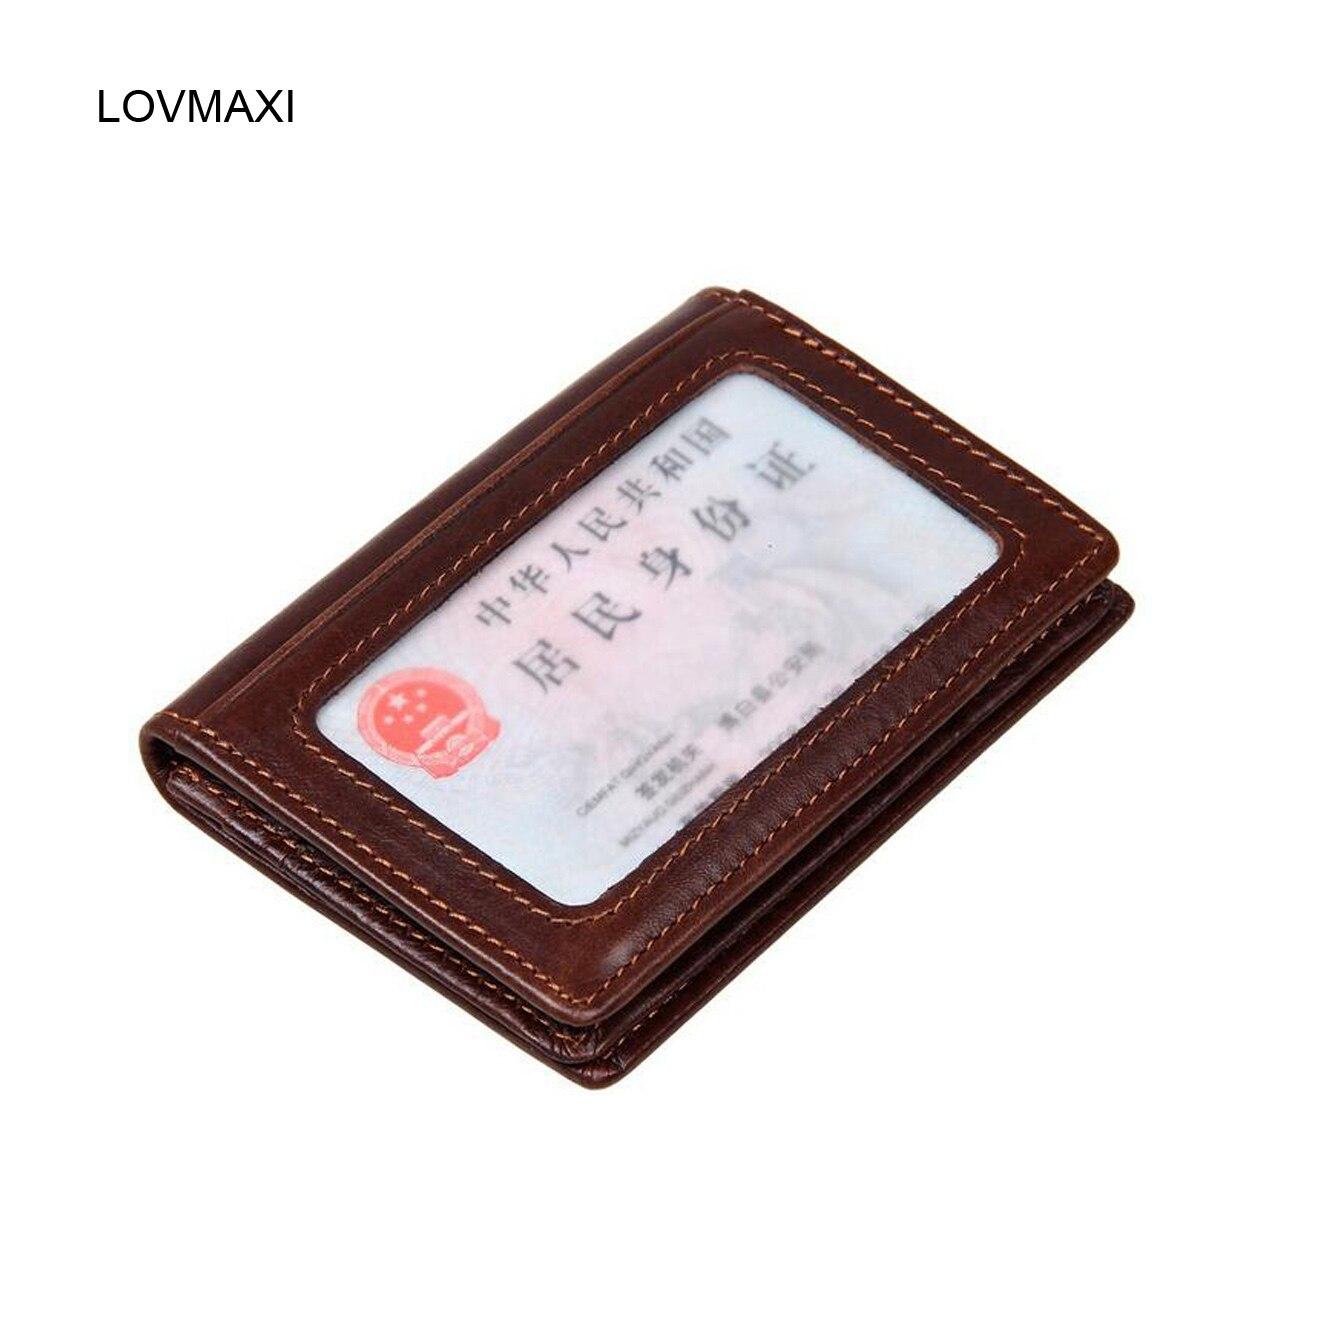 ed4bf3f5f4440 LOVMAXI Yeni 2018 Unsex Kart sahipleri 100% hakiki petrol deri sürücü  belgesi sahipleri KIMLIK tutucular küçük bozuk para cüzdanı Erkek cüzdan